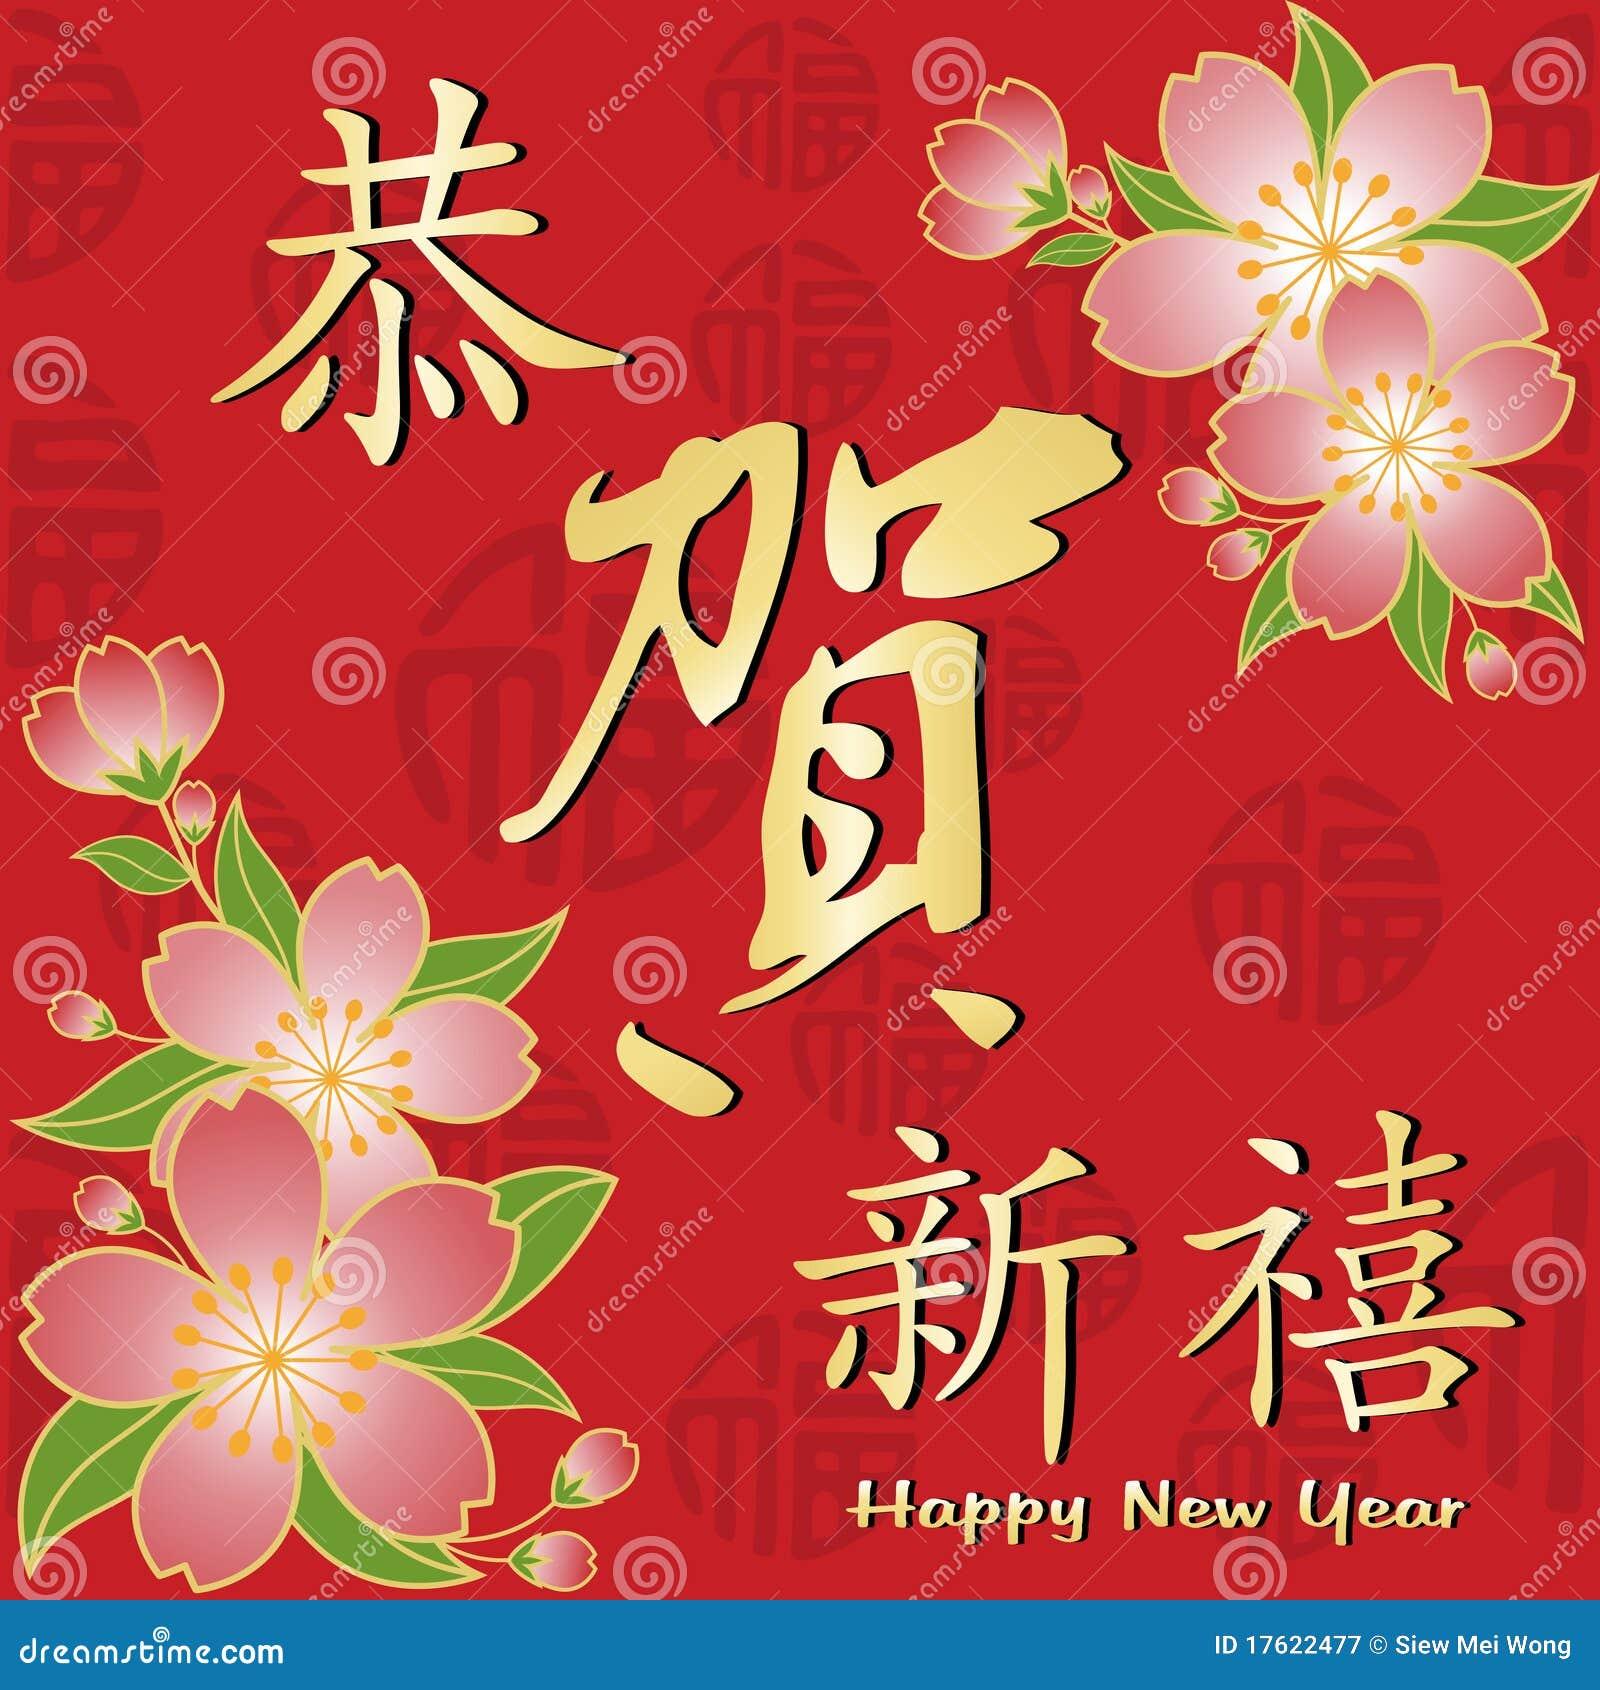 Поздравления на китайском языке с китайским новым годом